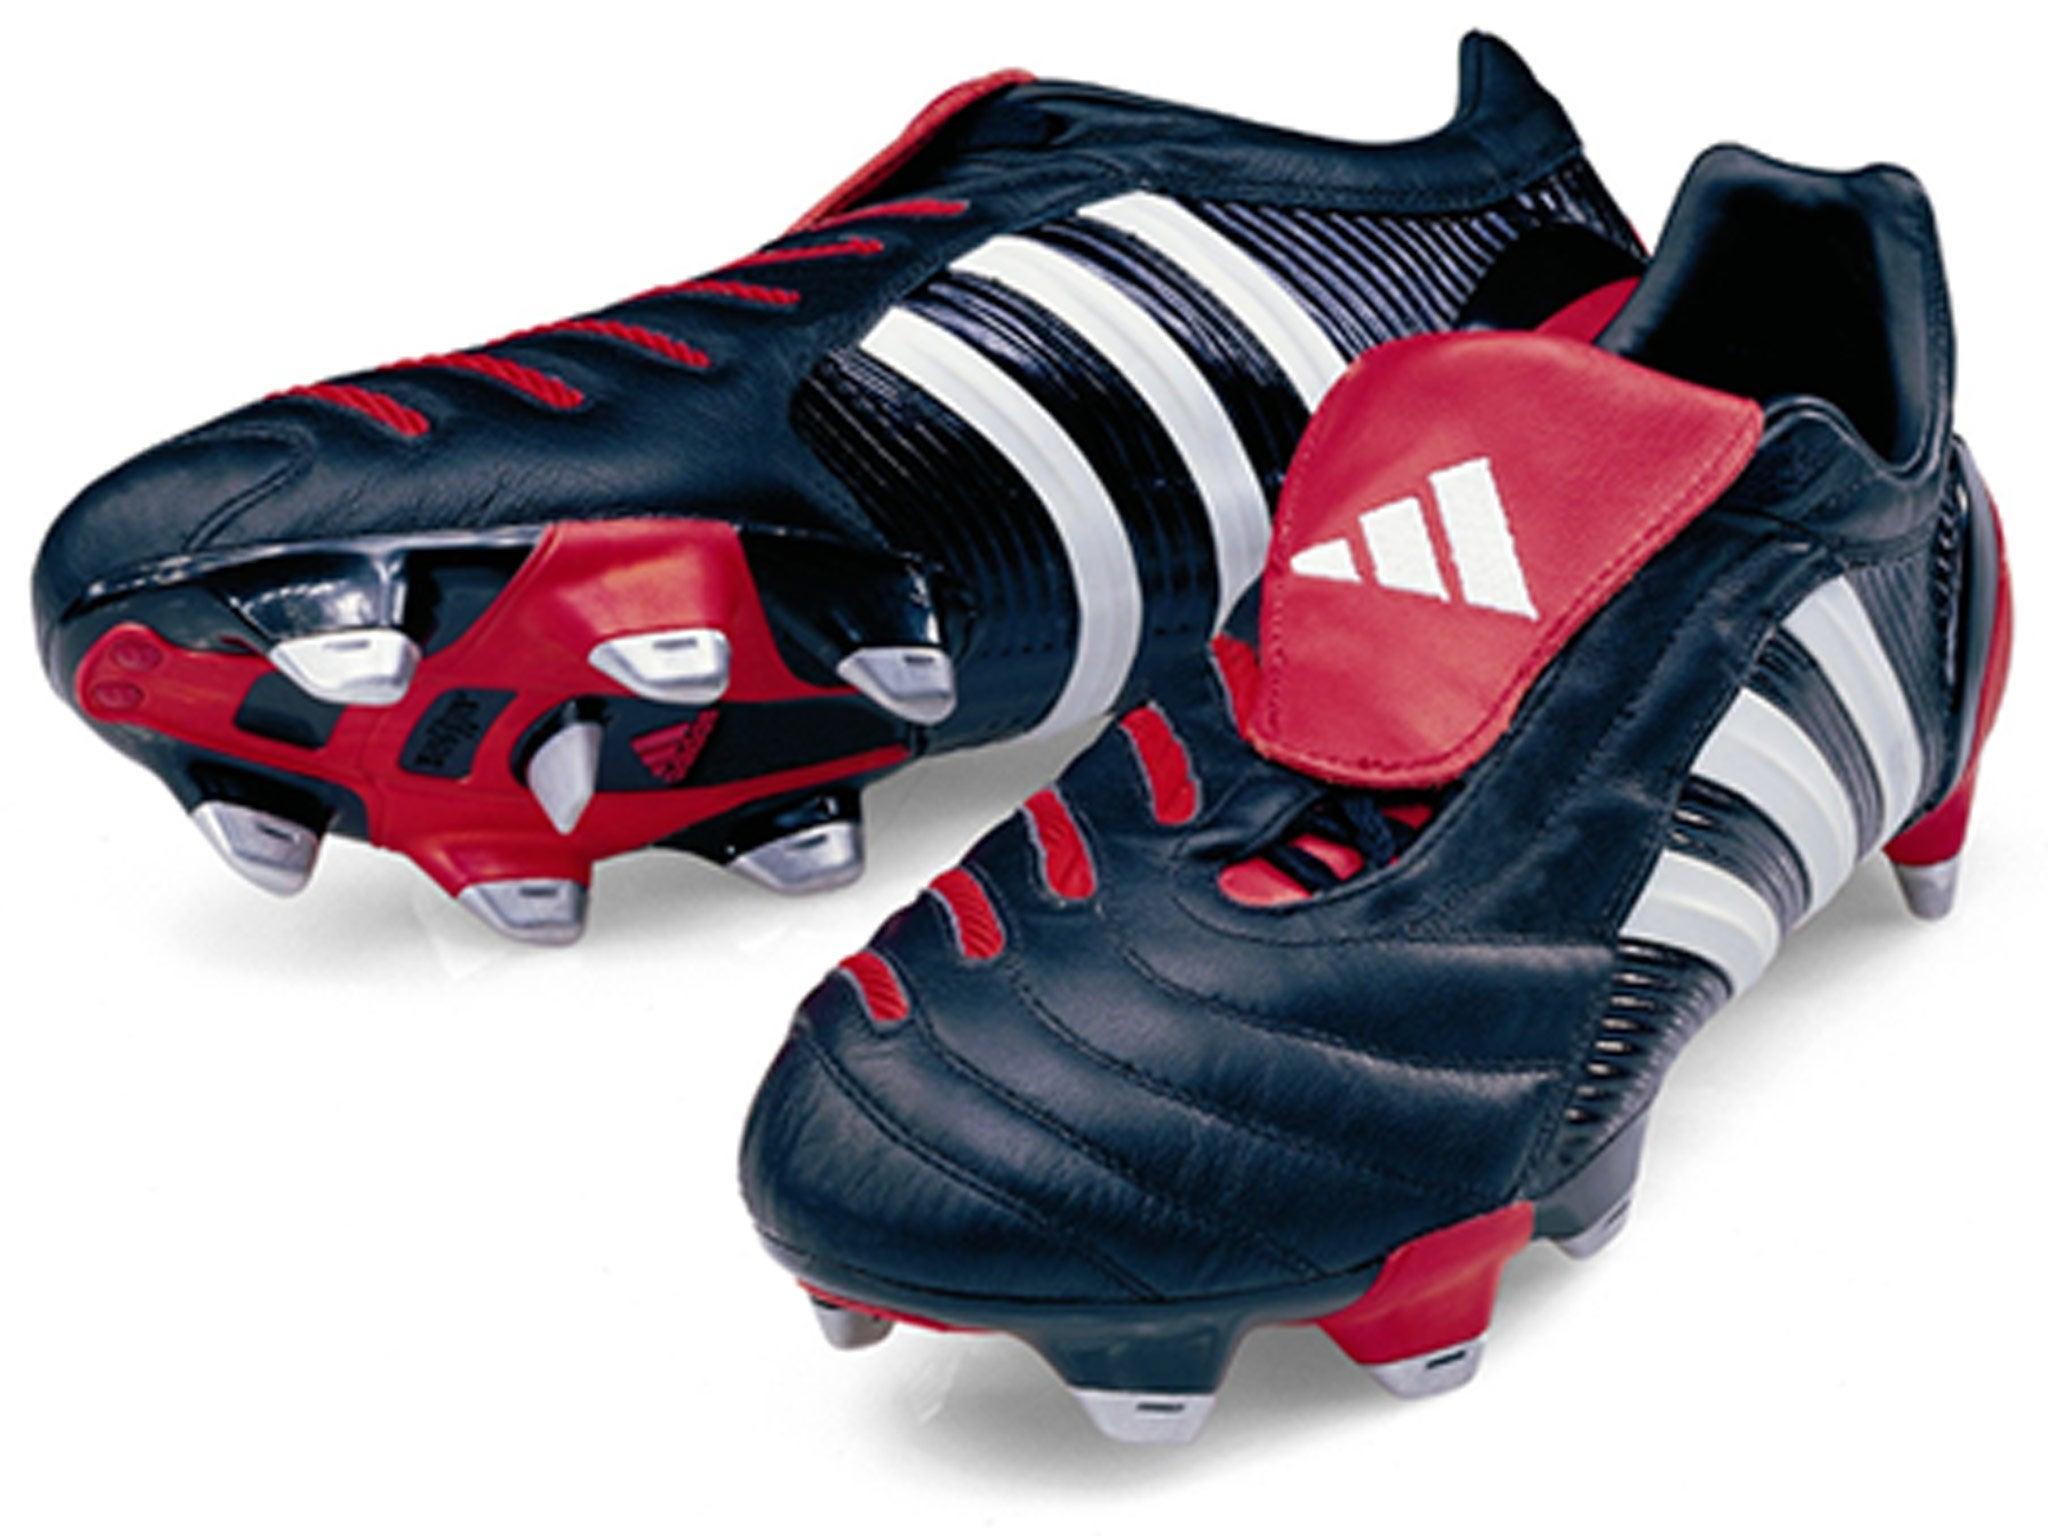 super popular 00dc0 b4a85 A pair of adidas Predators